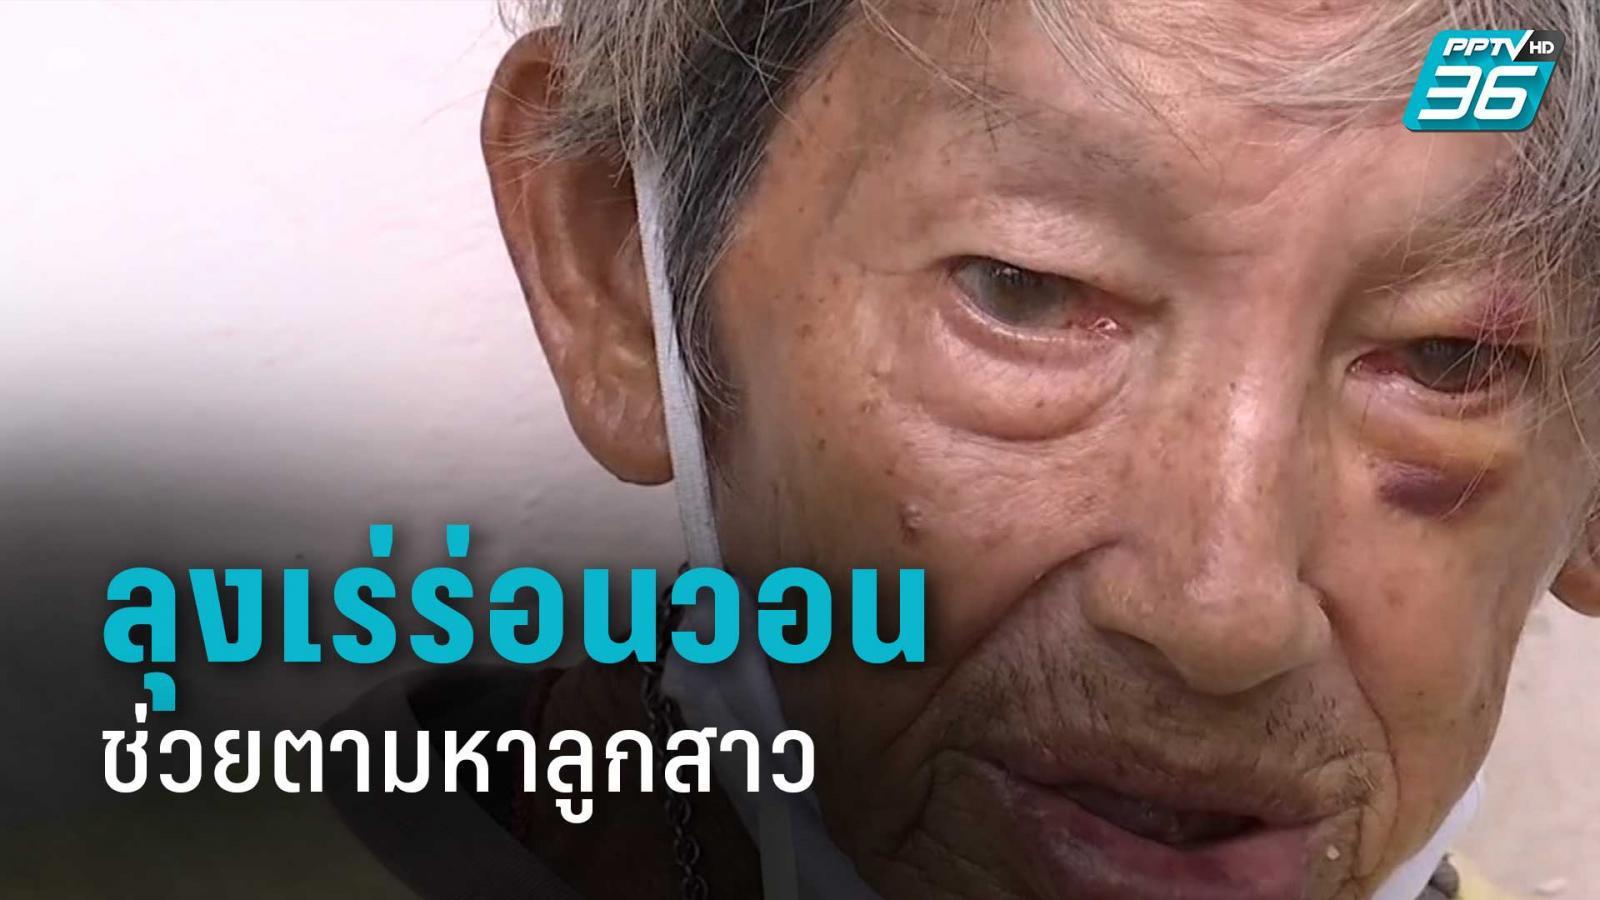 เปิดใจลุงเร่ร่อนวัย71ปี วอนช่วยตามหาลูกสาว